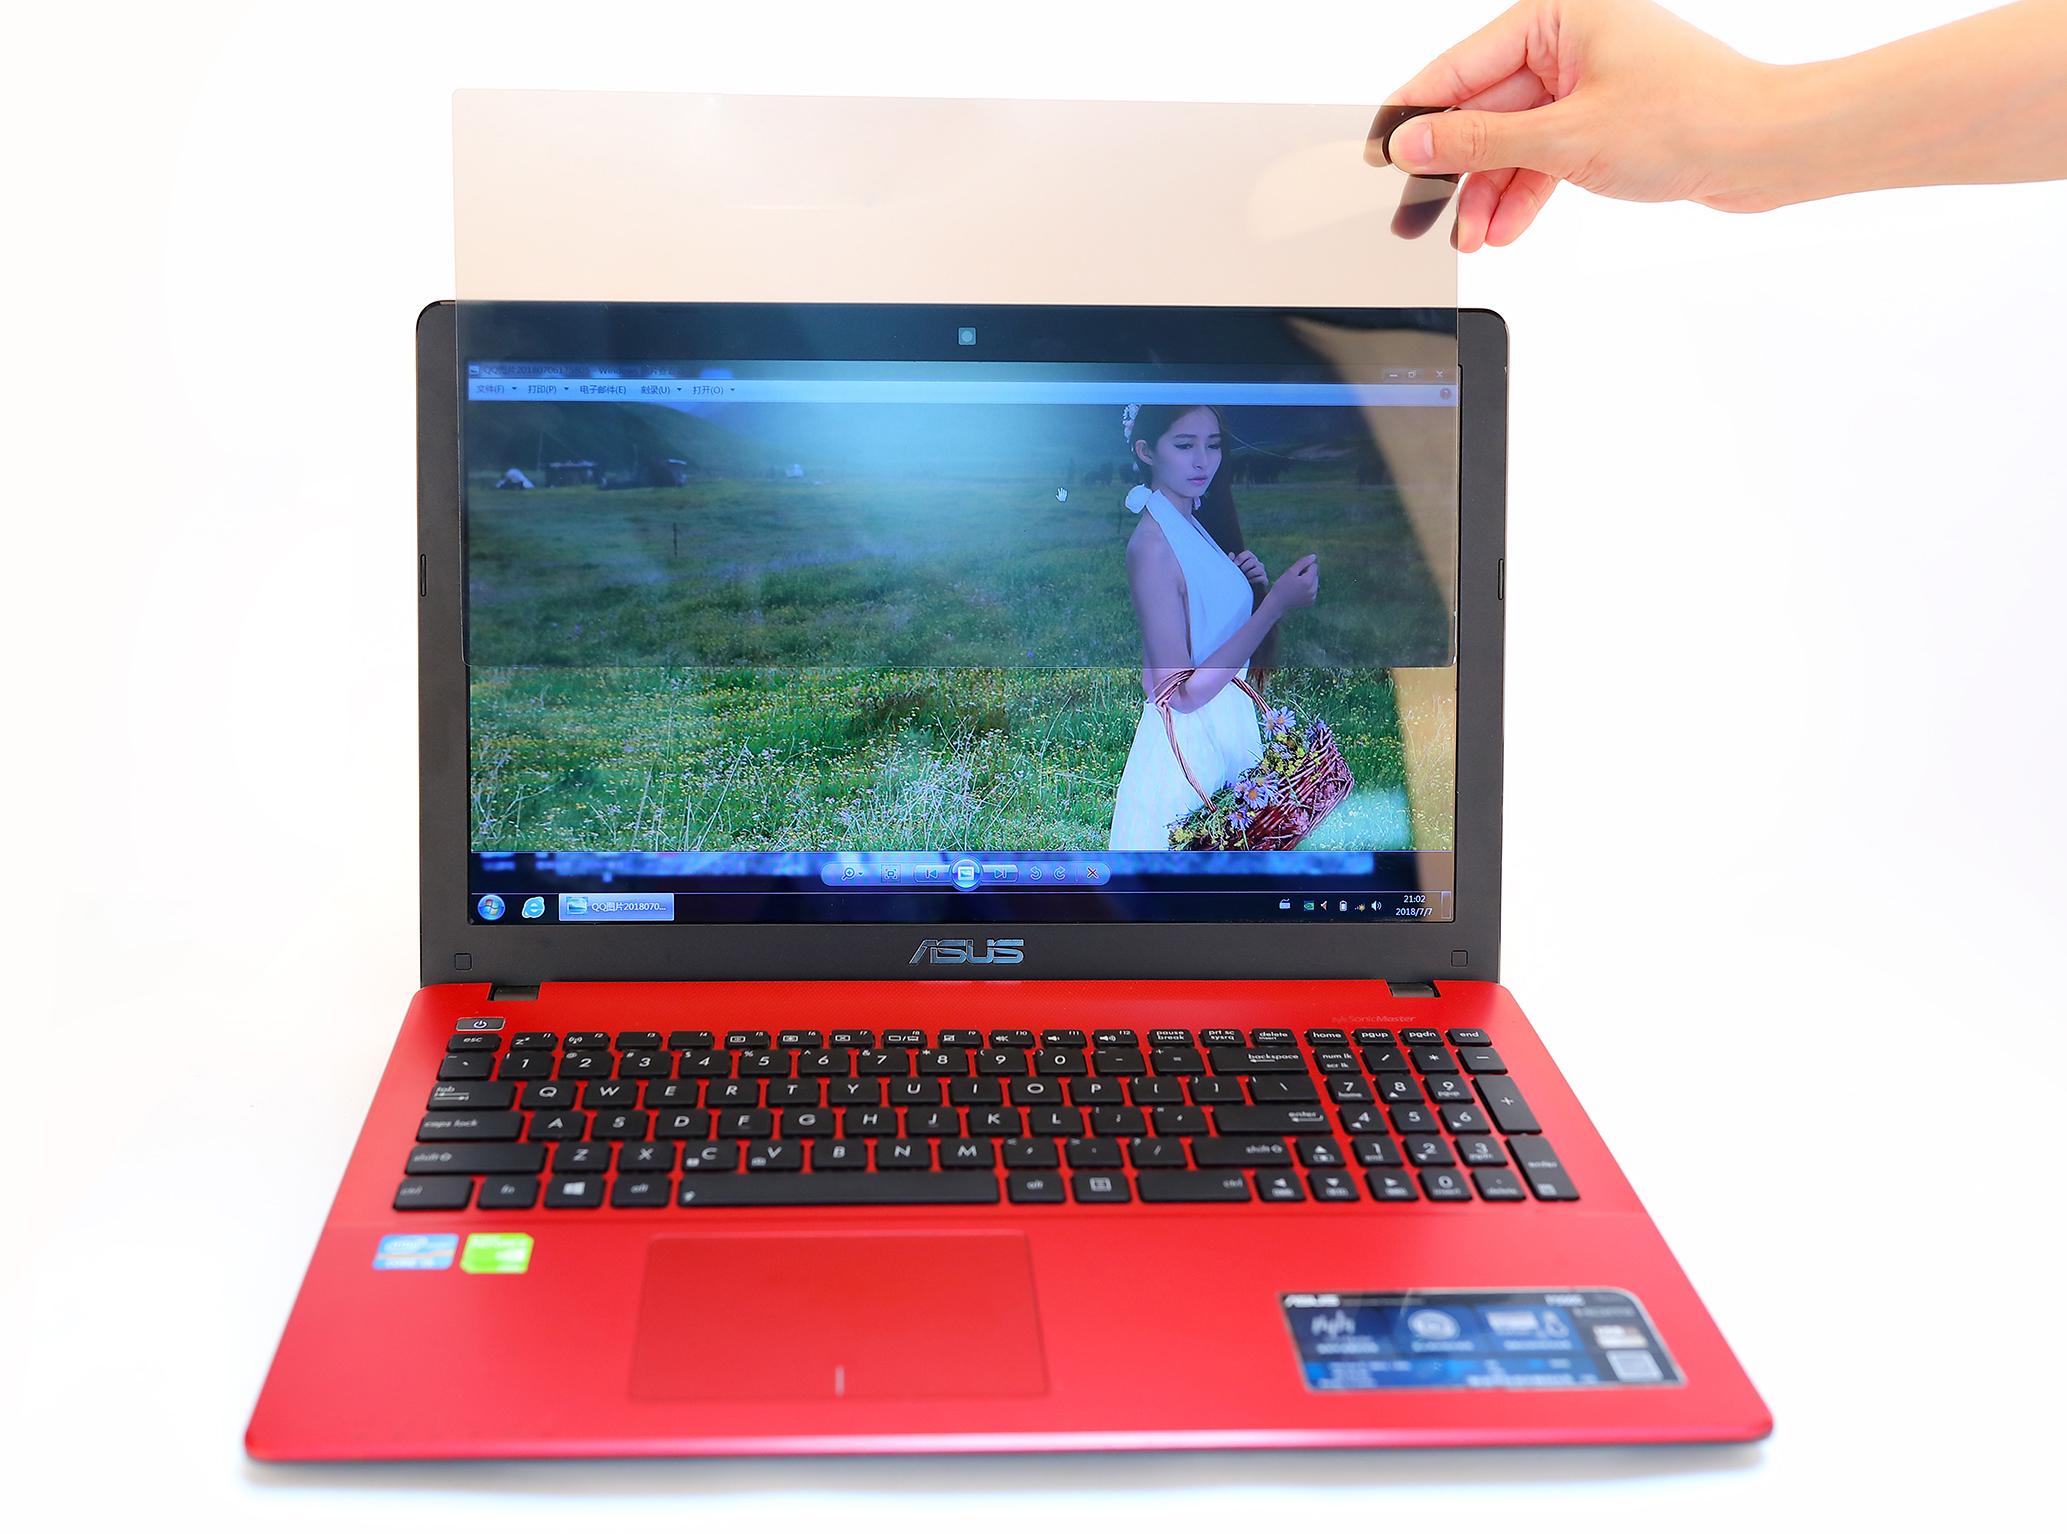 笔记本电脑防偷窥膜台式屏幕防偷看膜防窥视屏片14-15.6-19英寸苹果电脑膜显示器隐私保护贴膜电脑辐射防护屏